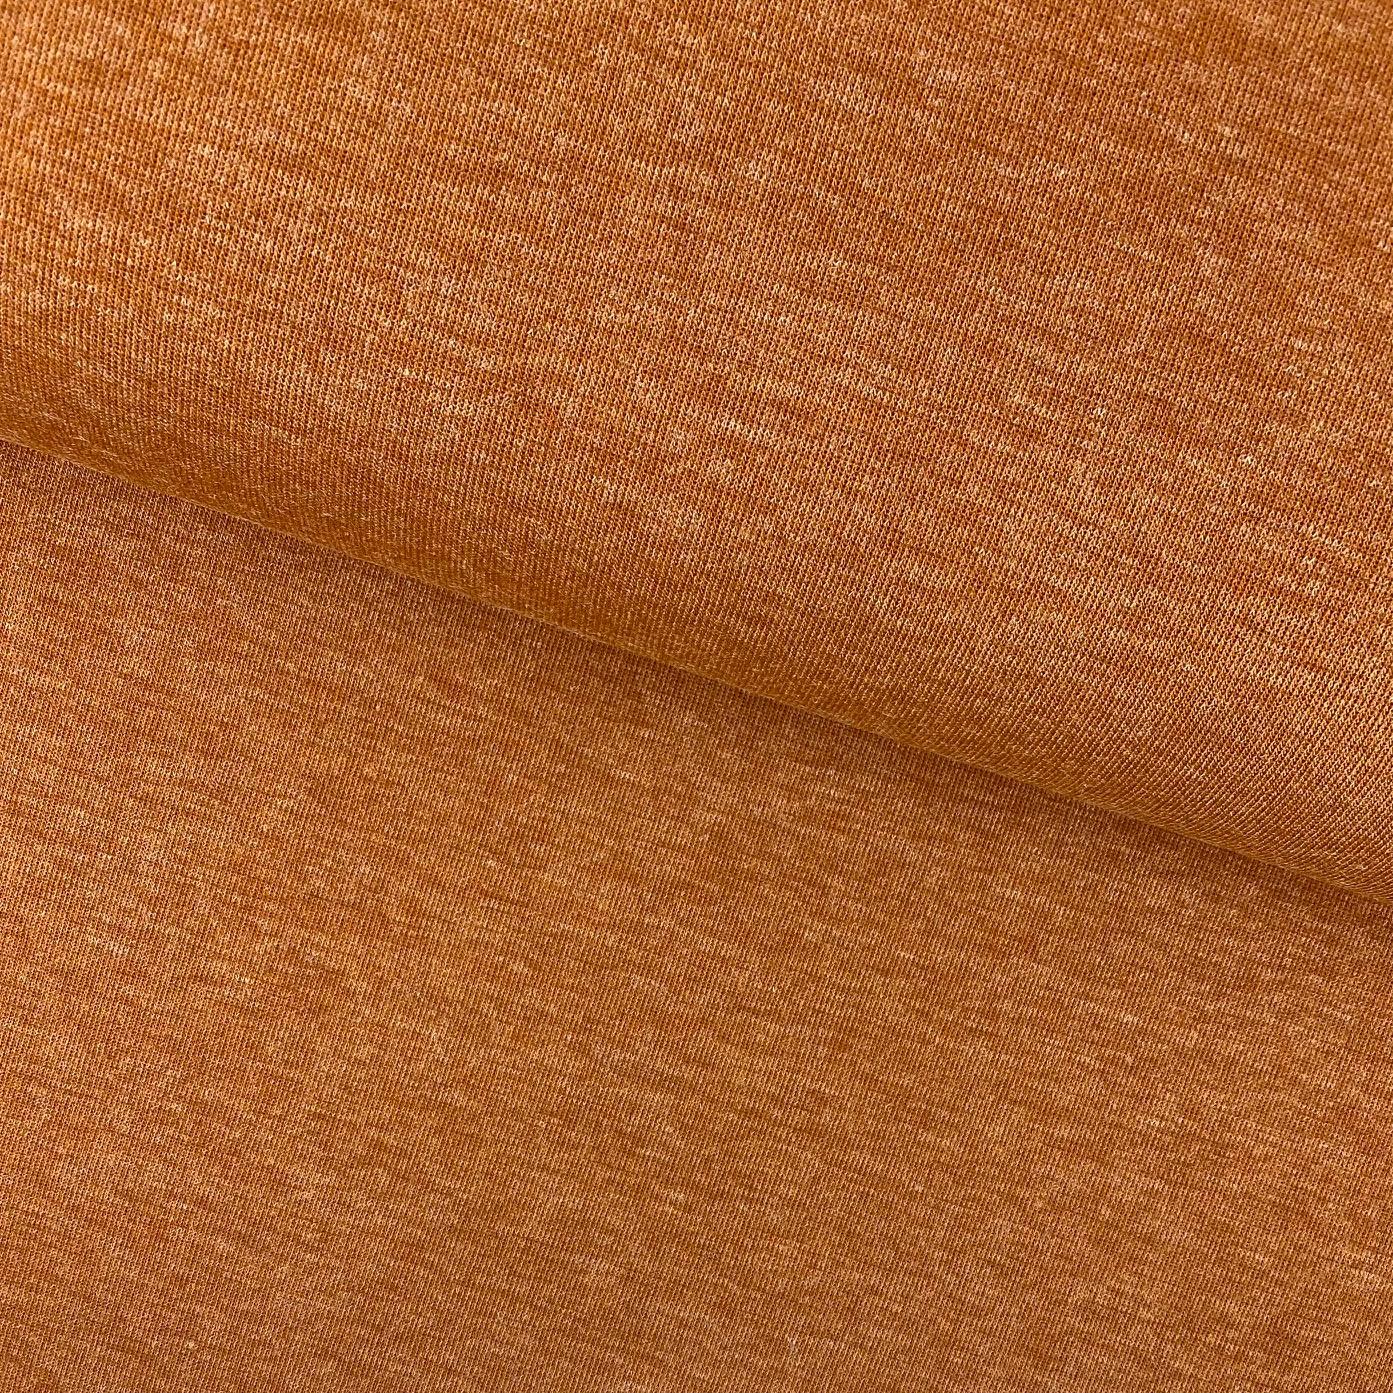 Kuschel-Strickstoff Melange, dunkelorange.  Art. SW11293